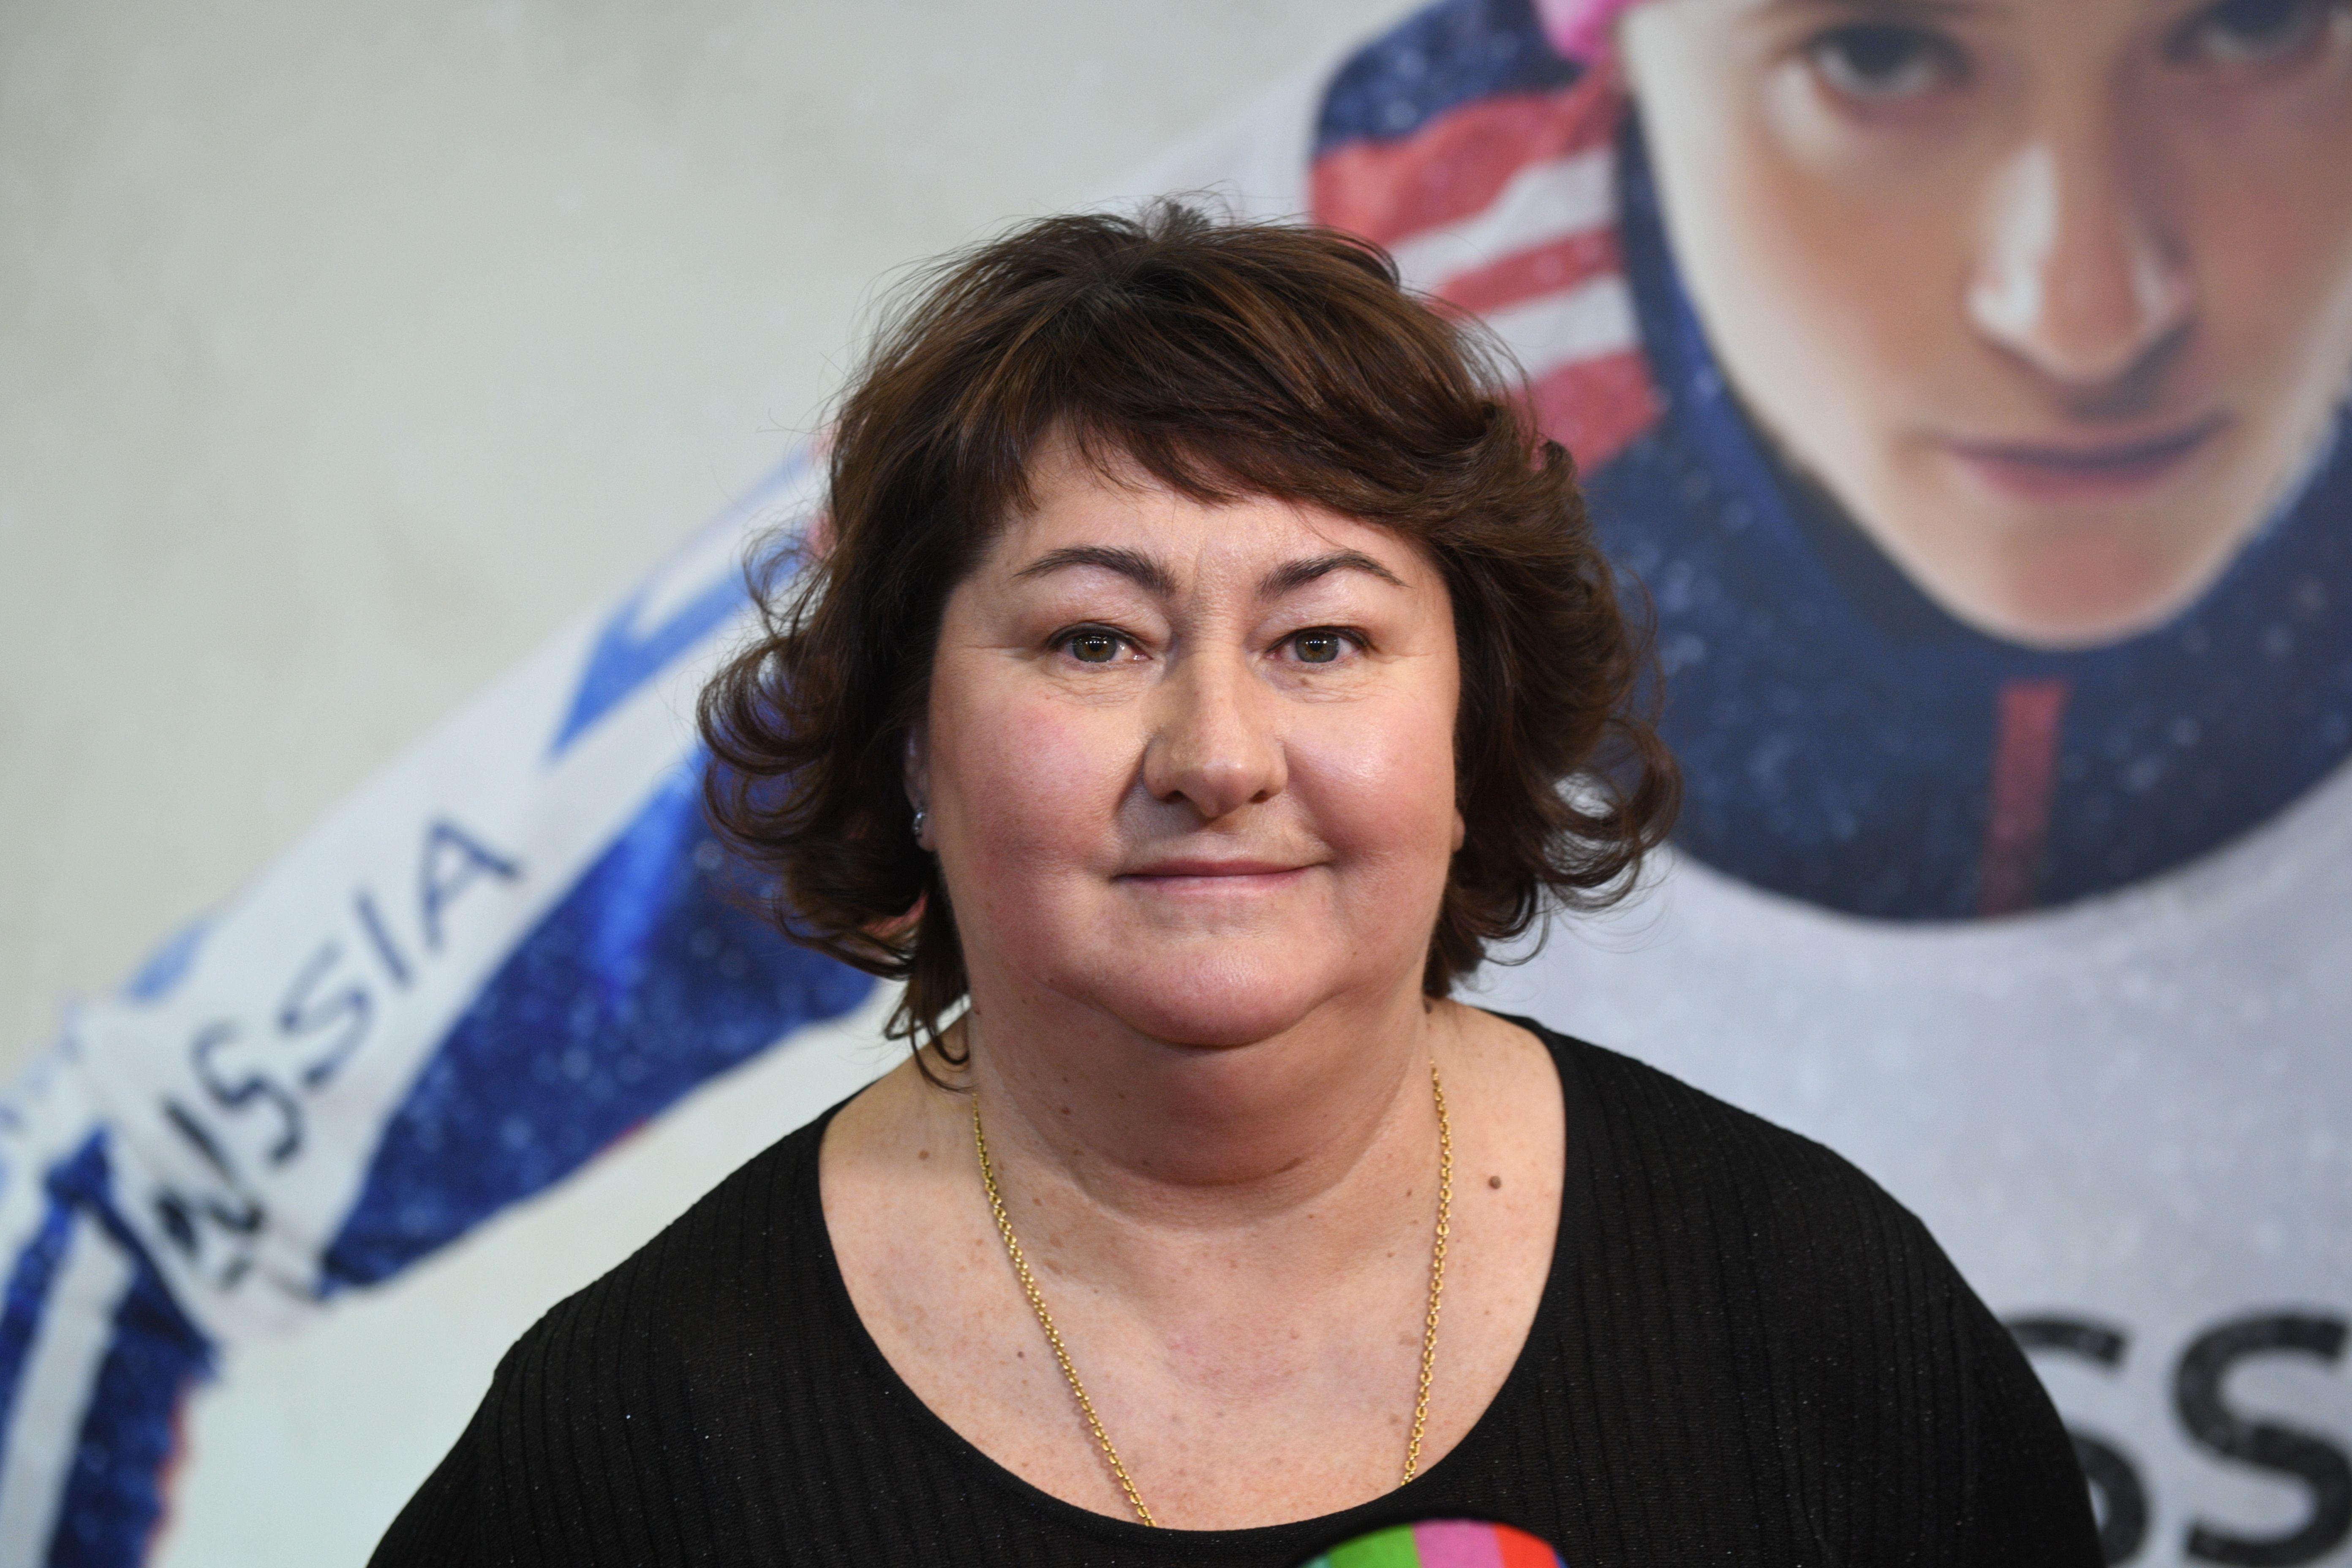 Вяльбе прокомментировала желание Большунова выступить на чемпионате Норвегии по лыжным гонкам